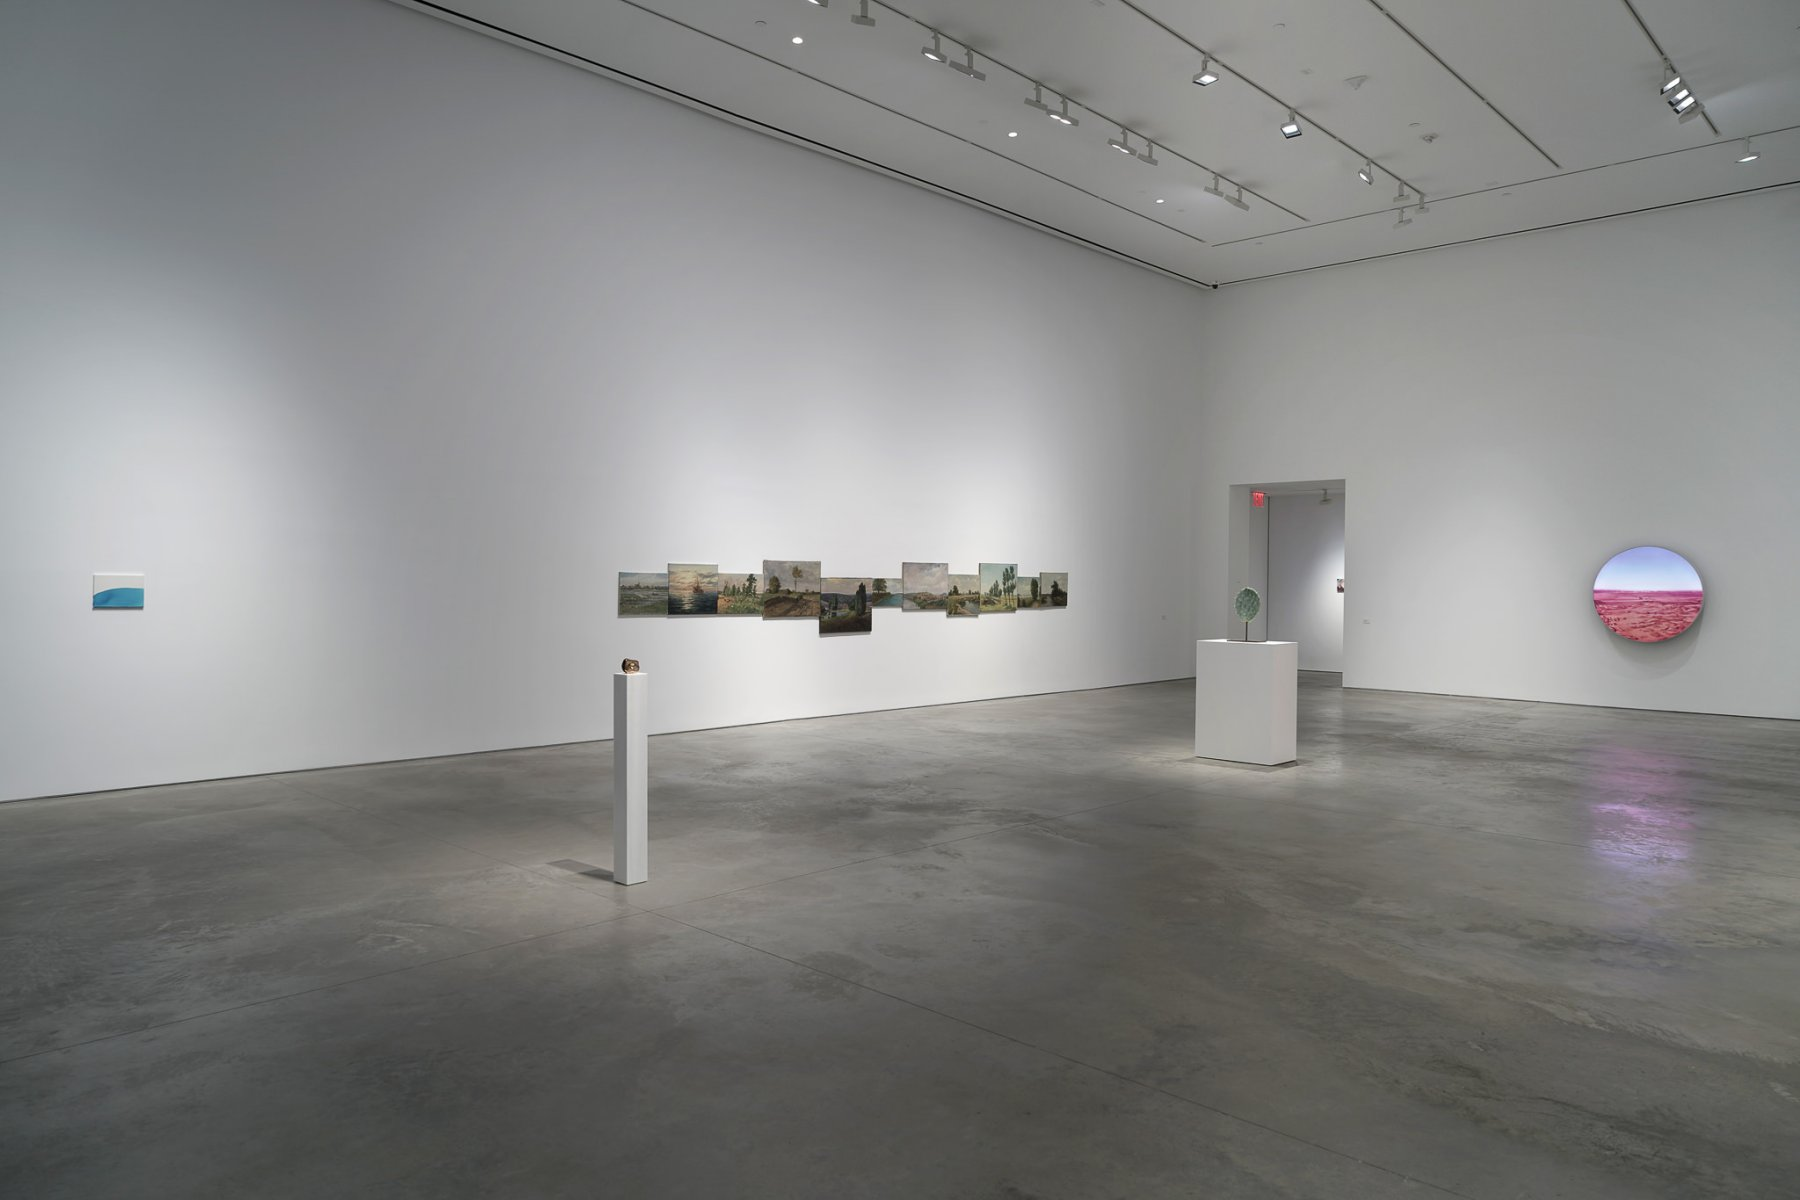 303 Gallery Alien Landscape 1